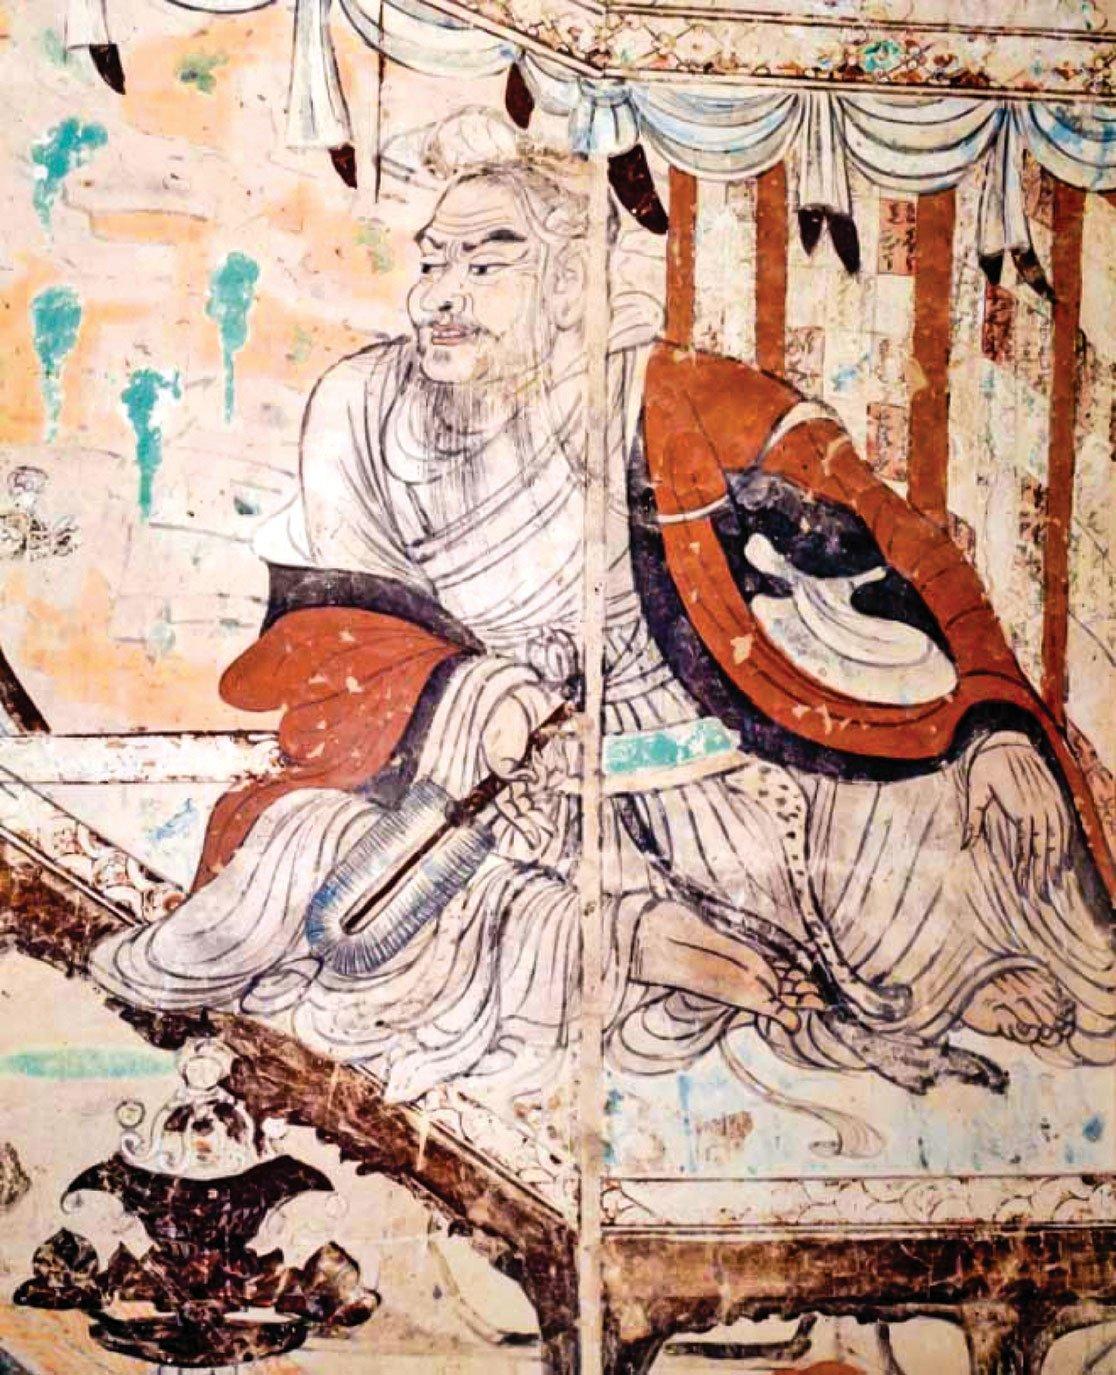 此為敦煌莫高窟的唐代第103窟《維摩詰經變》的維摩詰像,具有吳家樣特徵。(公有領域)